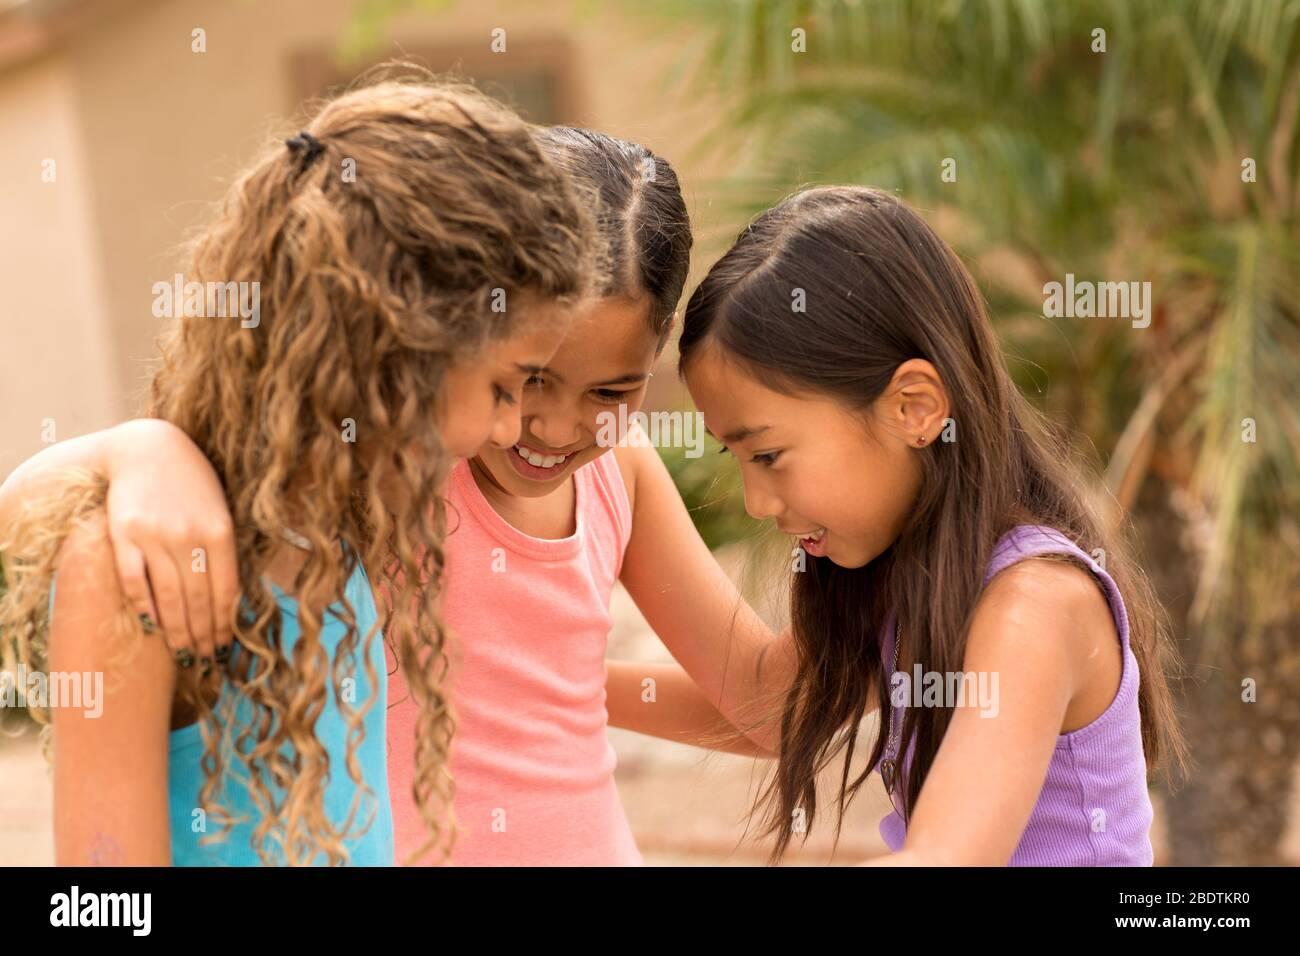 Diverse Gruppe von Freunden spielen und lachen. Stockfoto